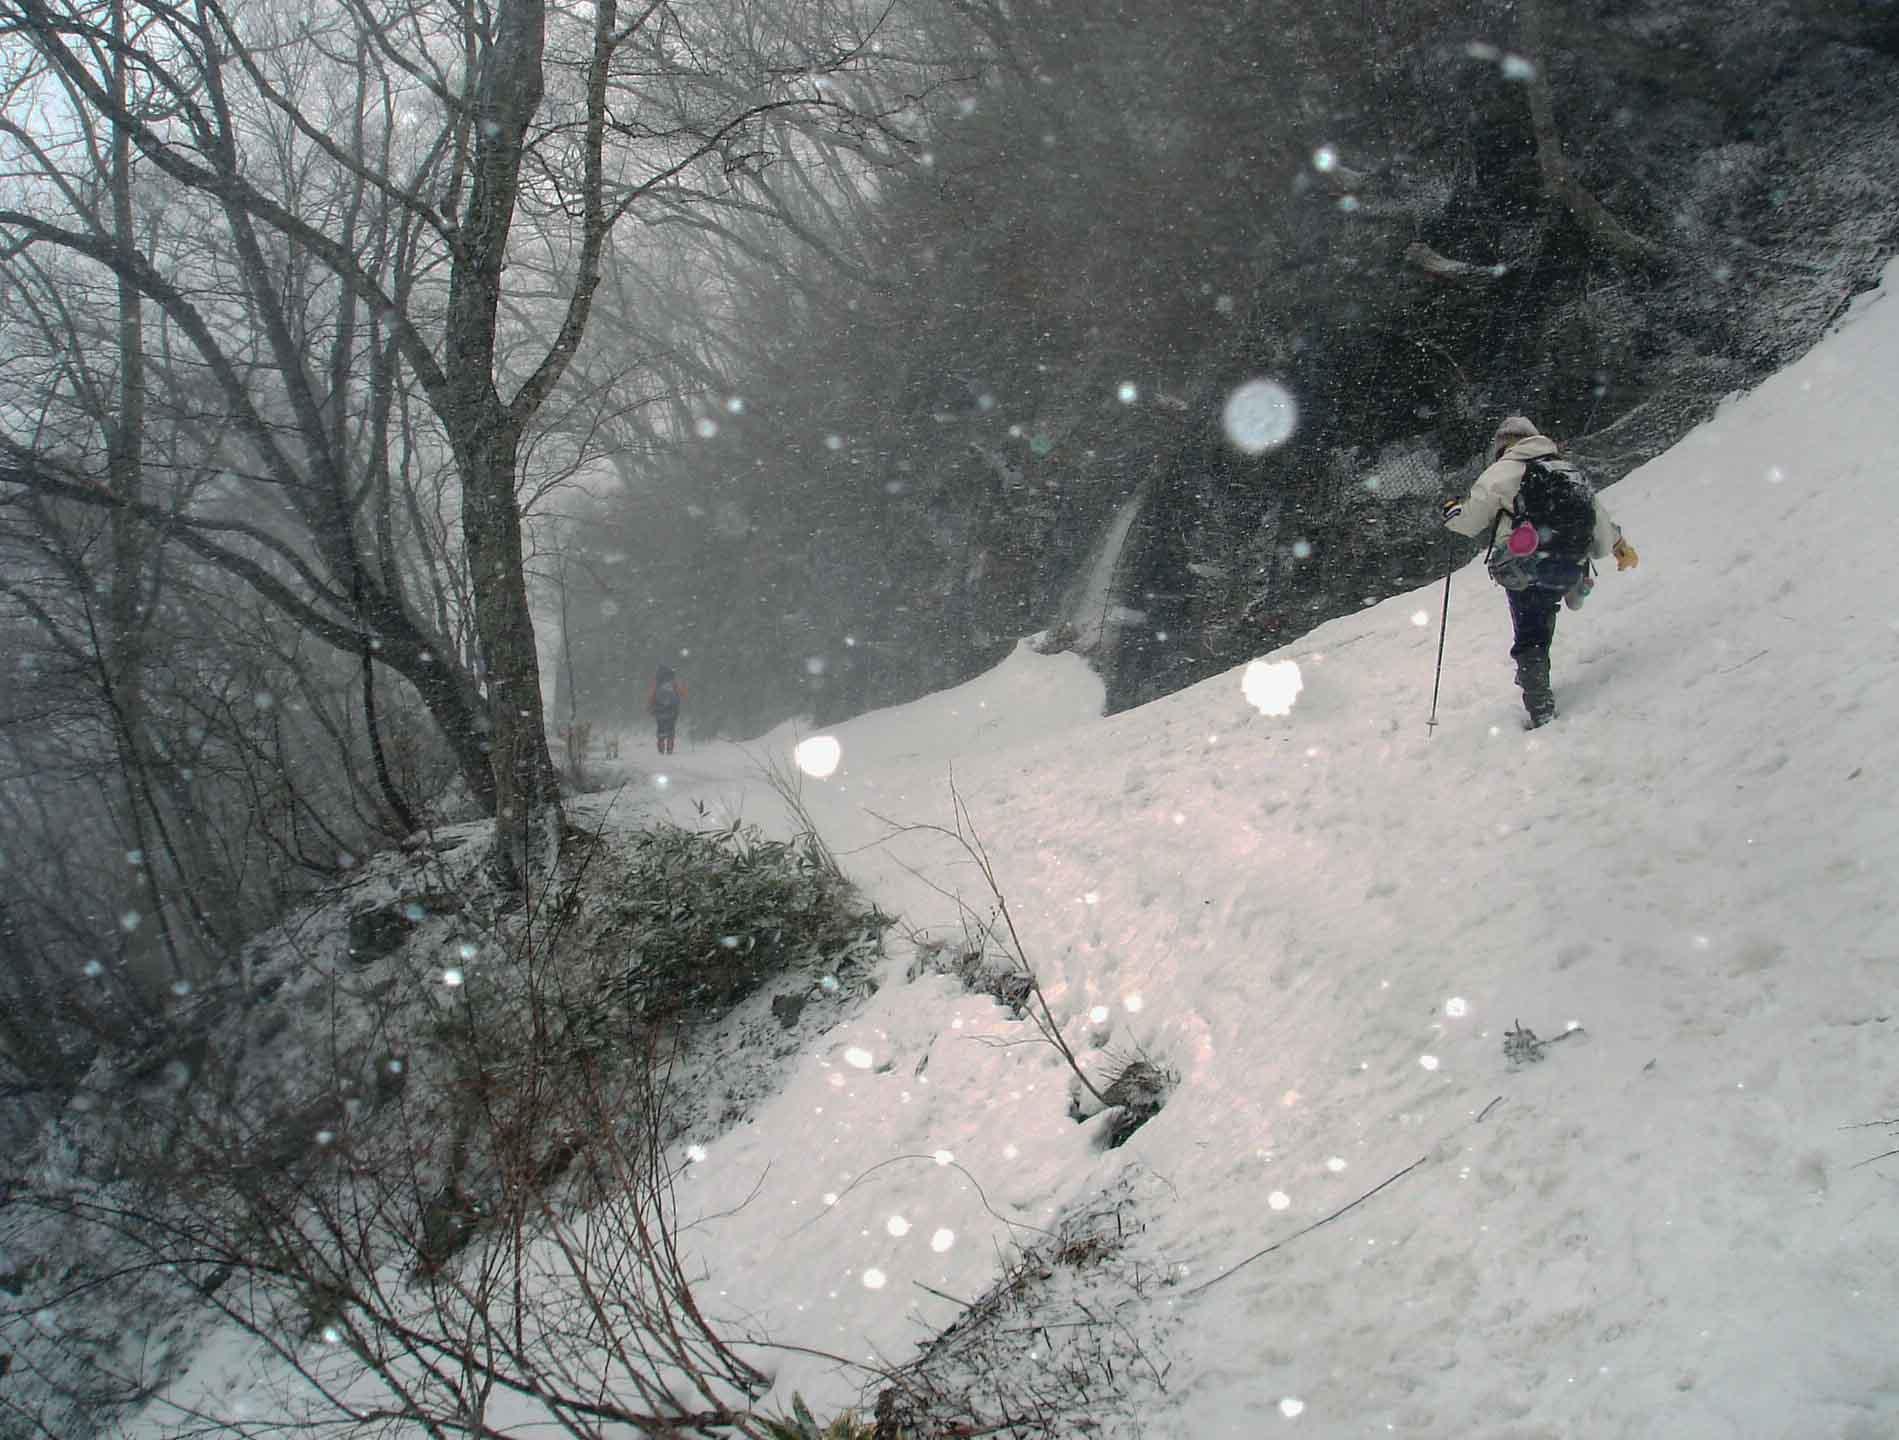 雪中訓練(22) 帰路マチガ沢へ